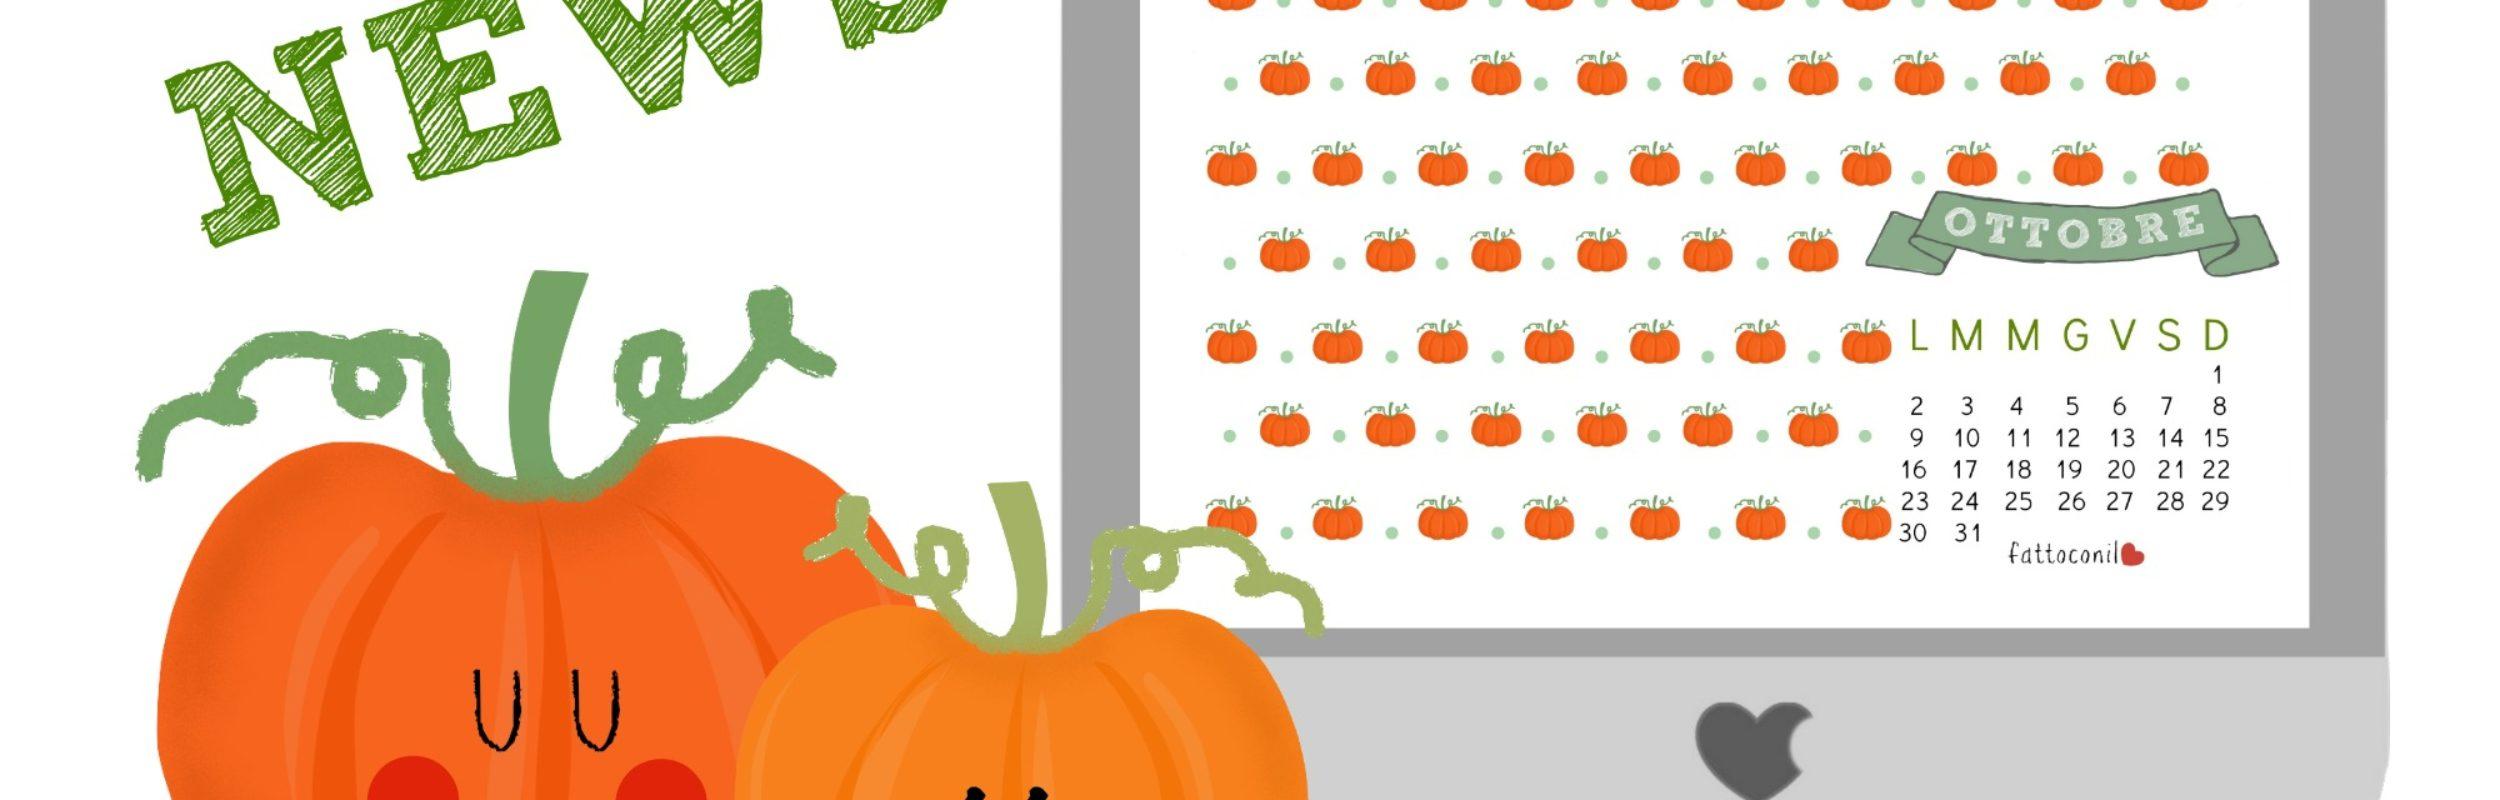 Una zucca per il mese di ottobre